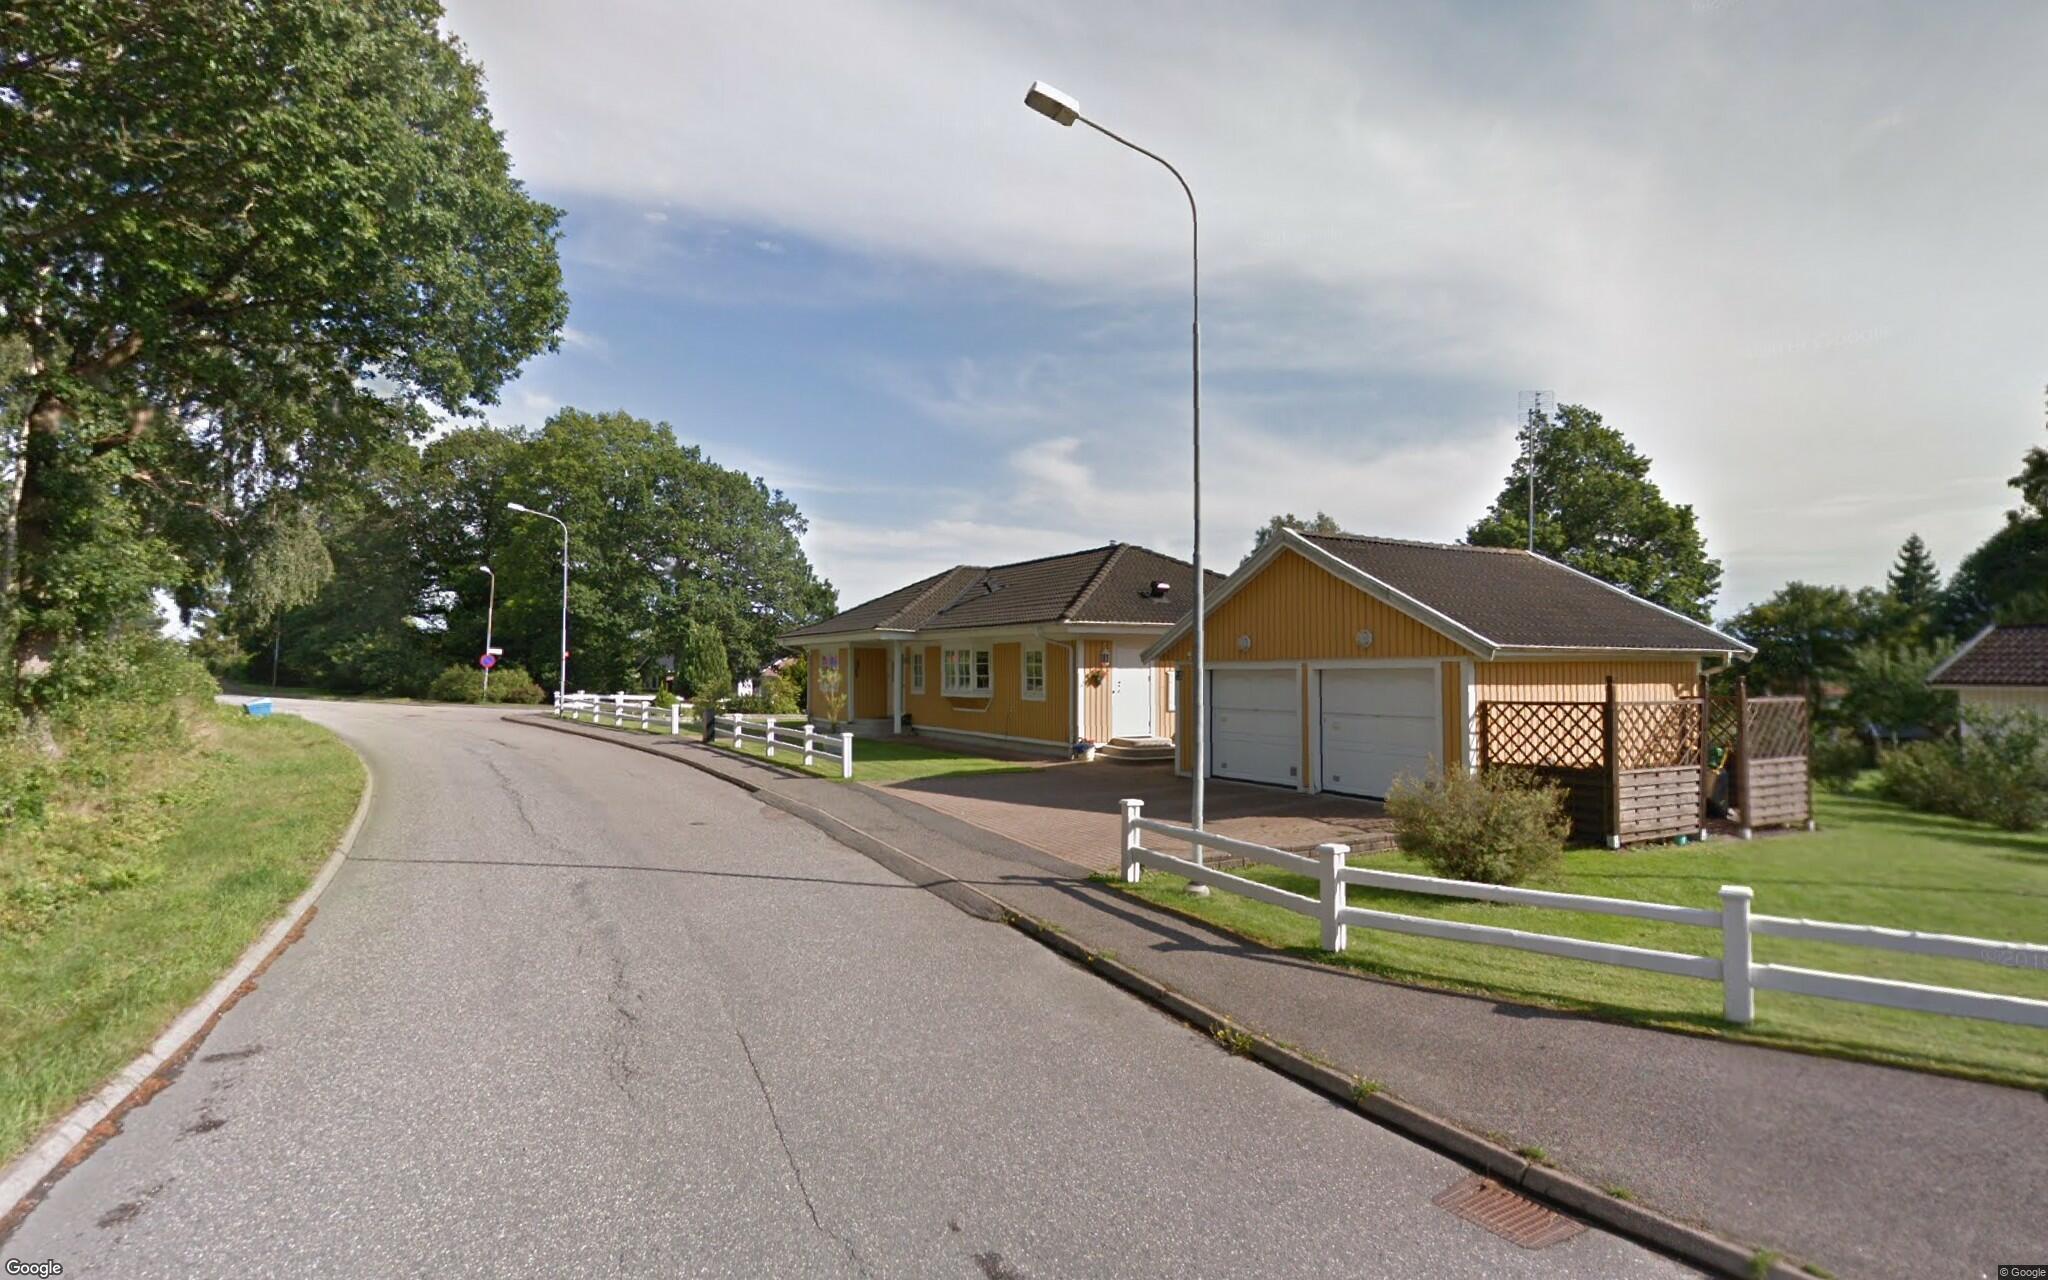 Nya ägare till hus i Lindome